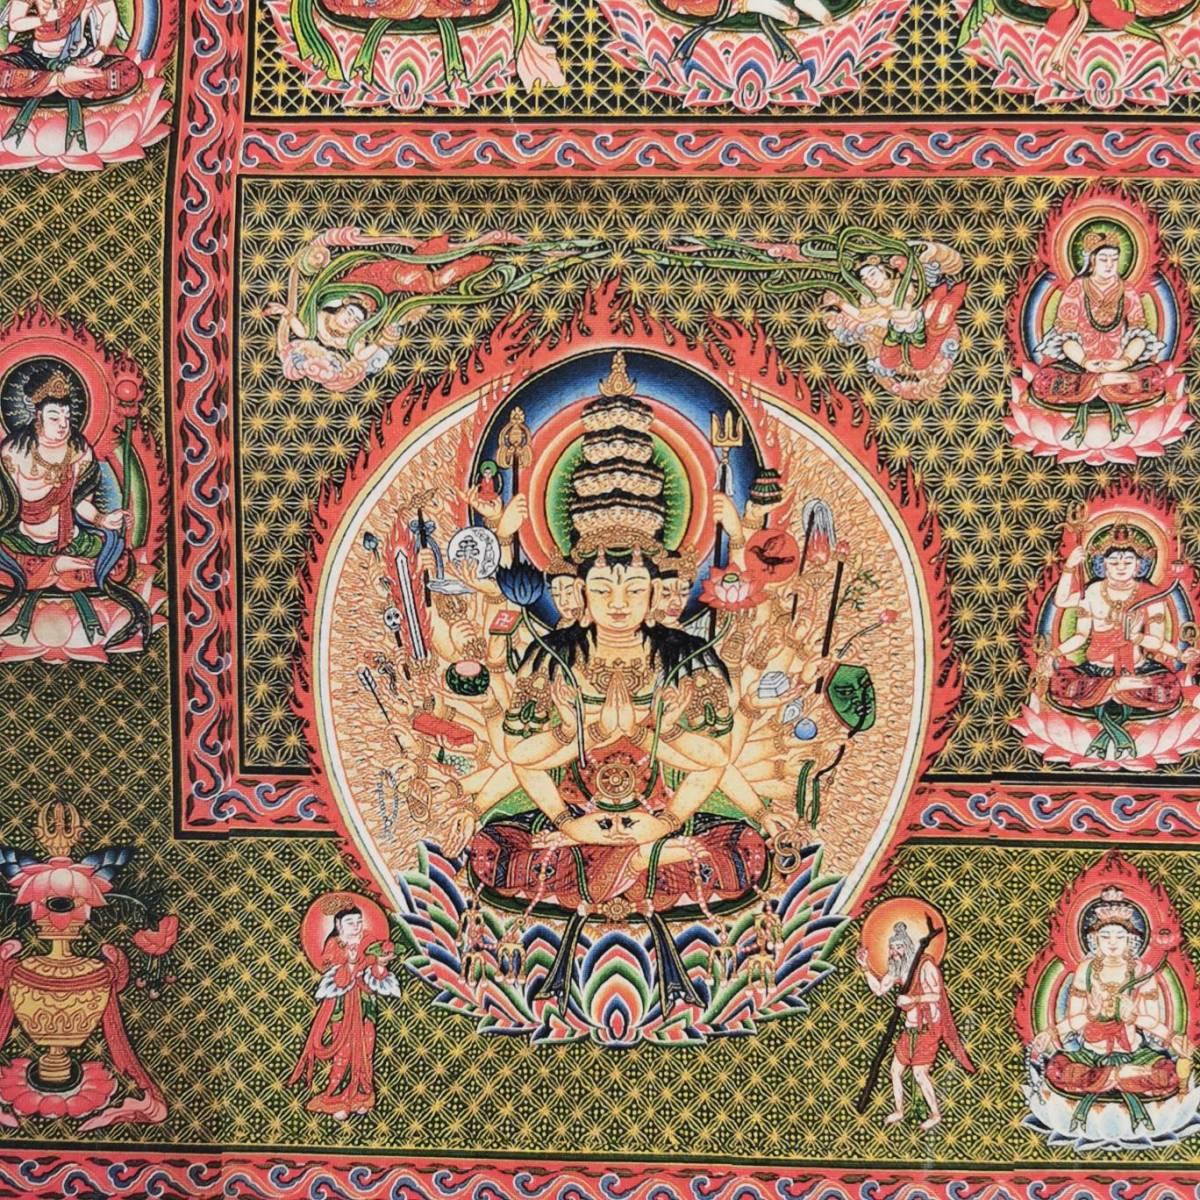 胎蔵界 曼荼羅 曼陀羅 マンダラ チベットタントリック タンカ 特別配布 印刷画  チベット仏像 大判 タンカ インテリア 装飾_画像5